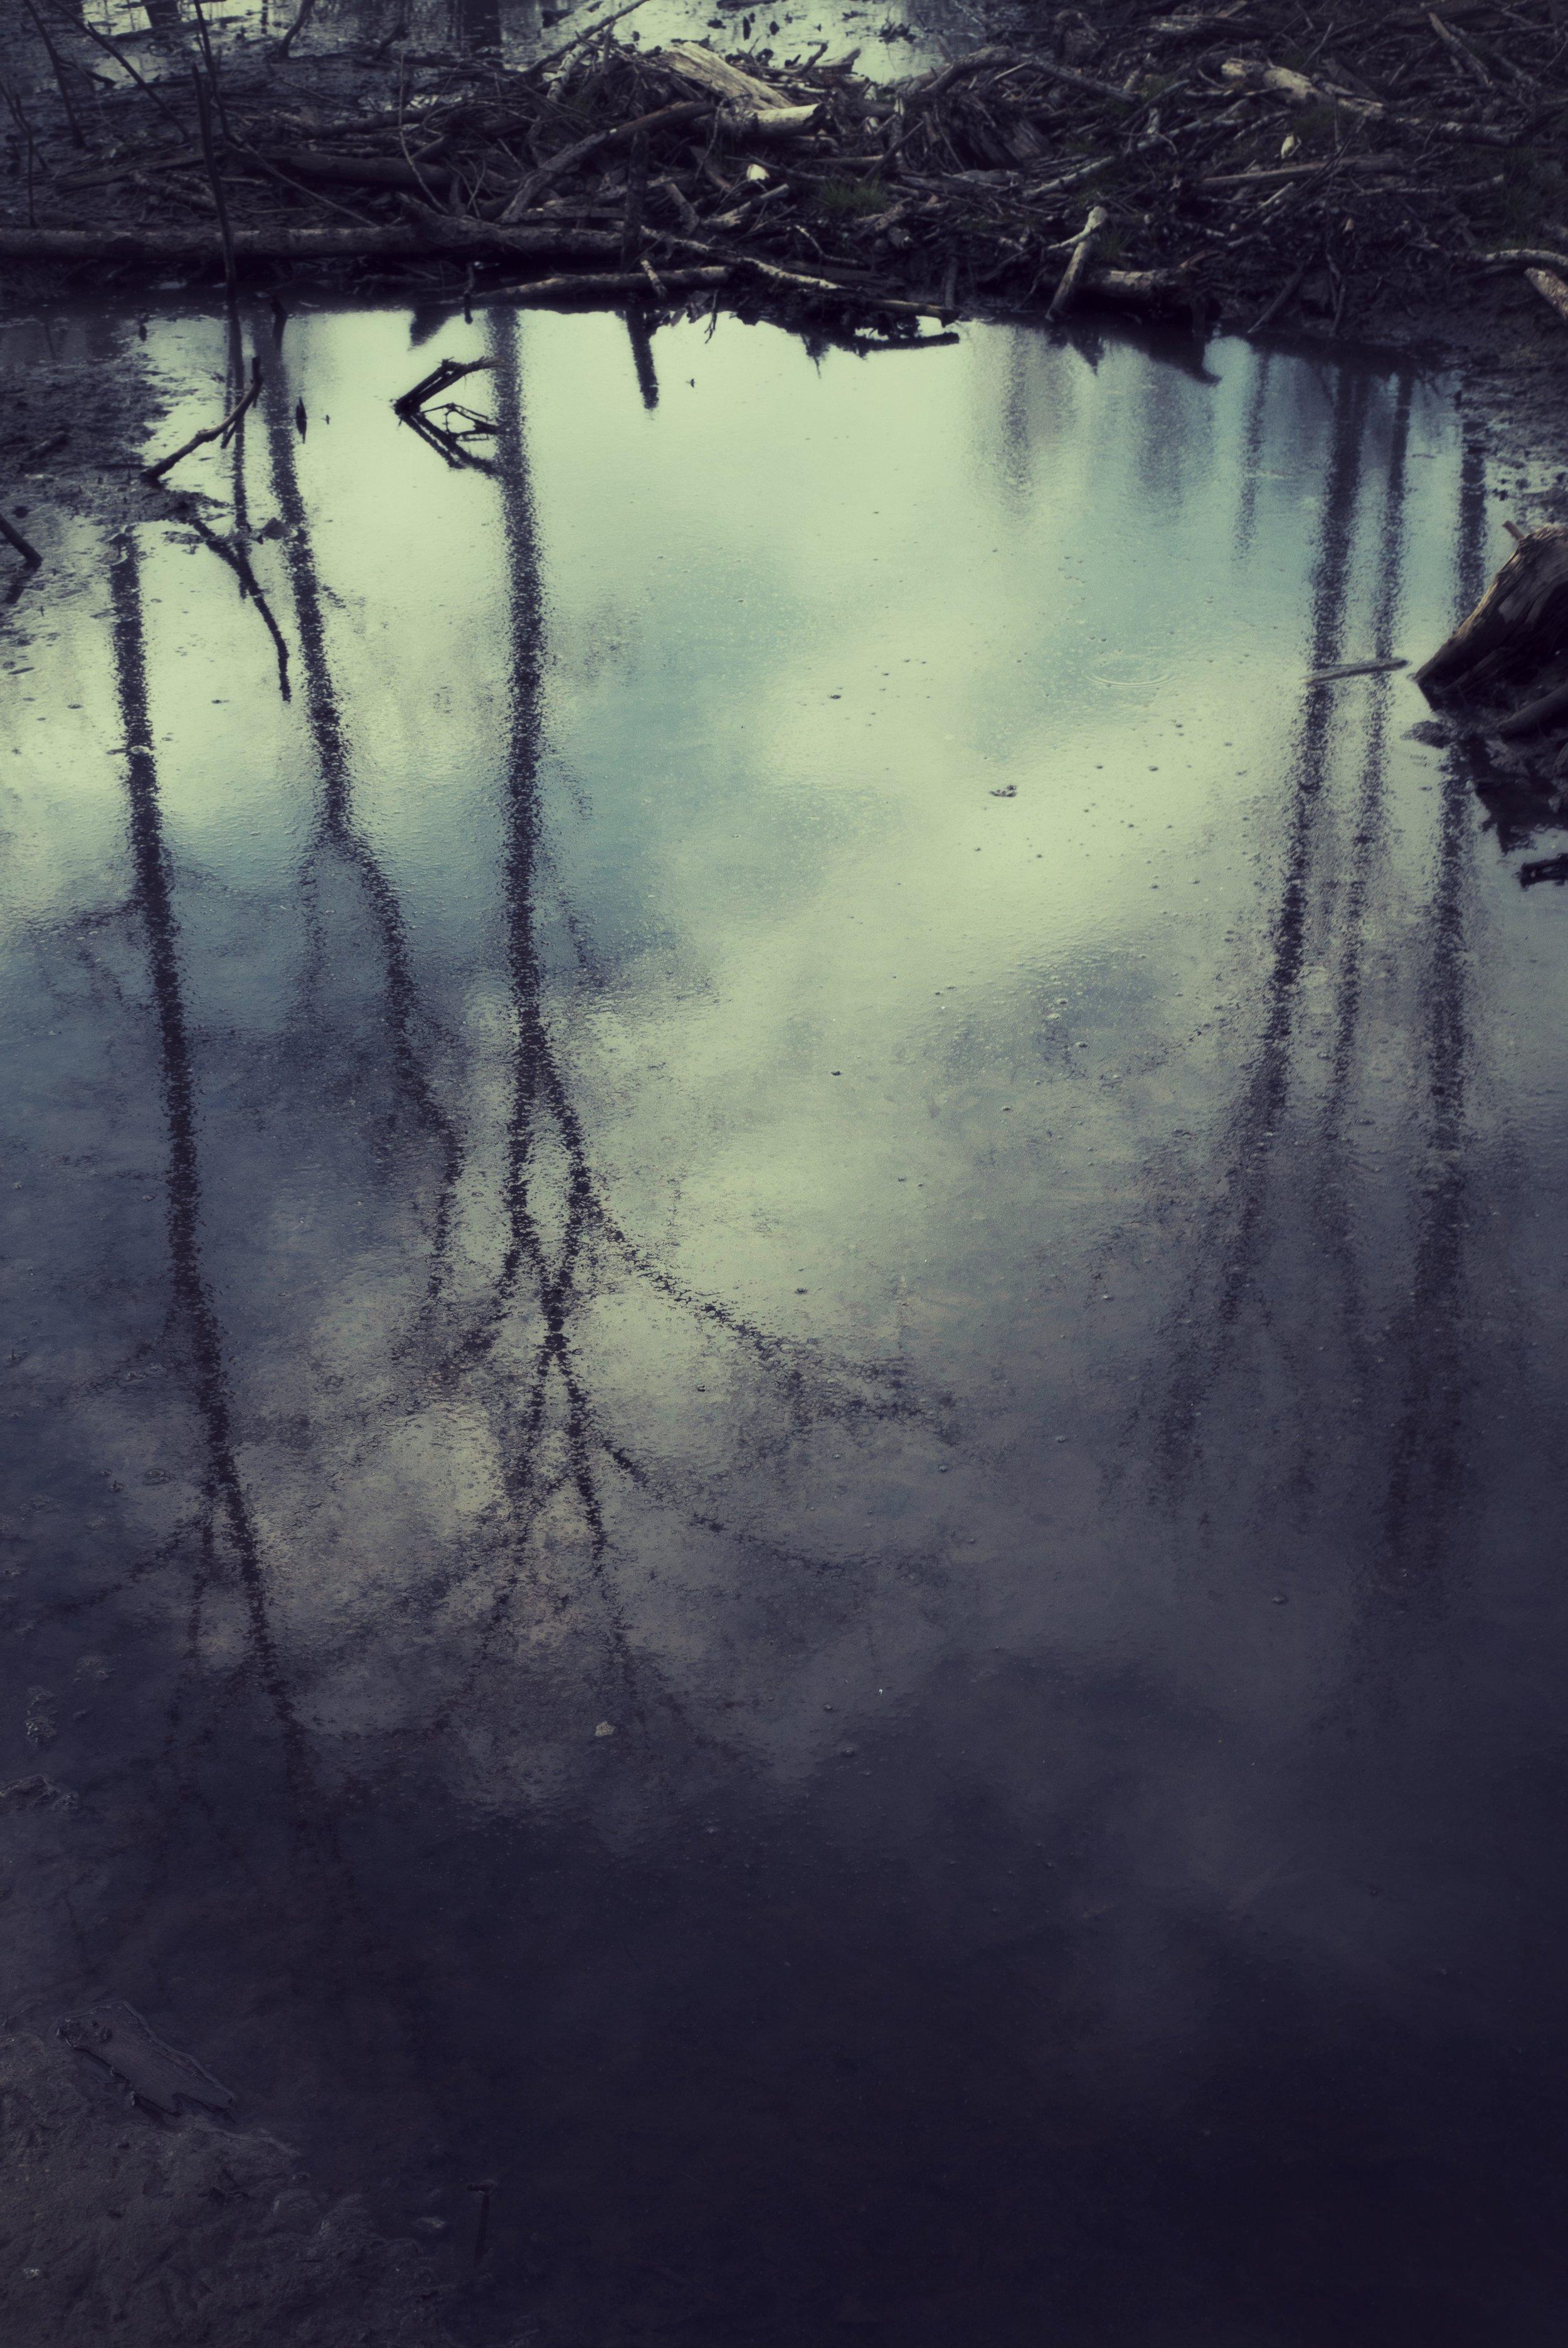 DSC04938_Snapseed.jpg